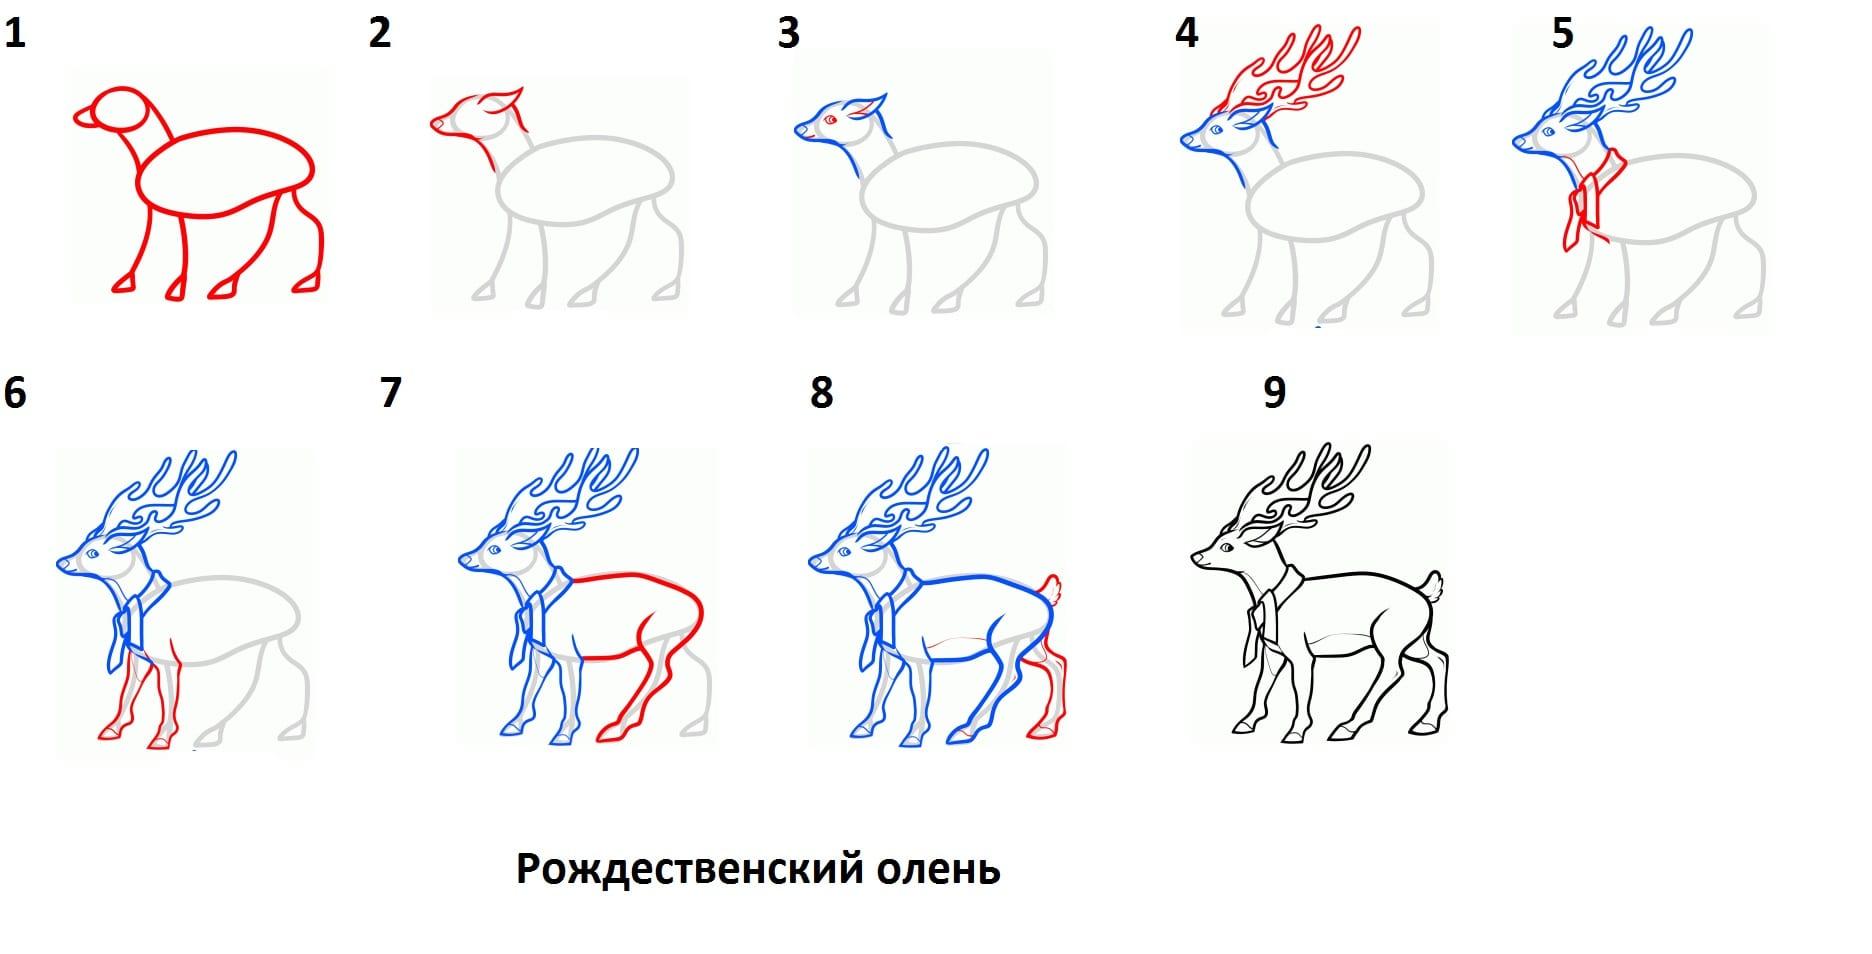 Как нарисовать рождественского оленя